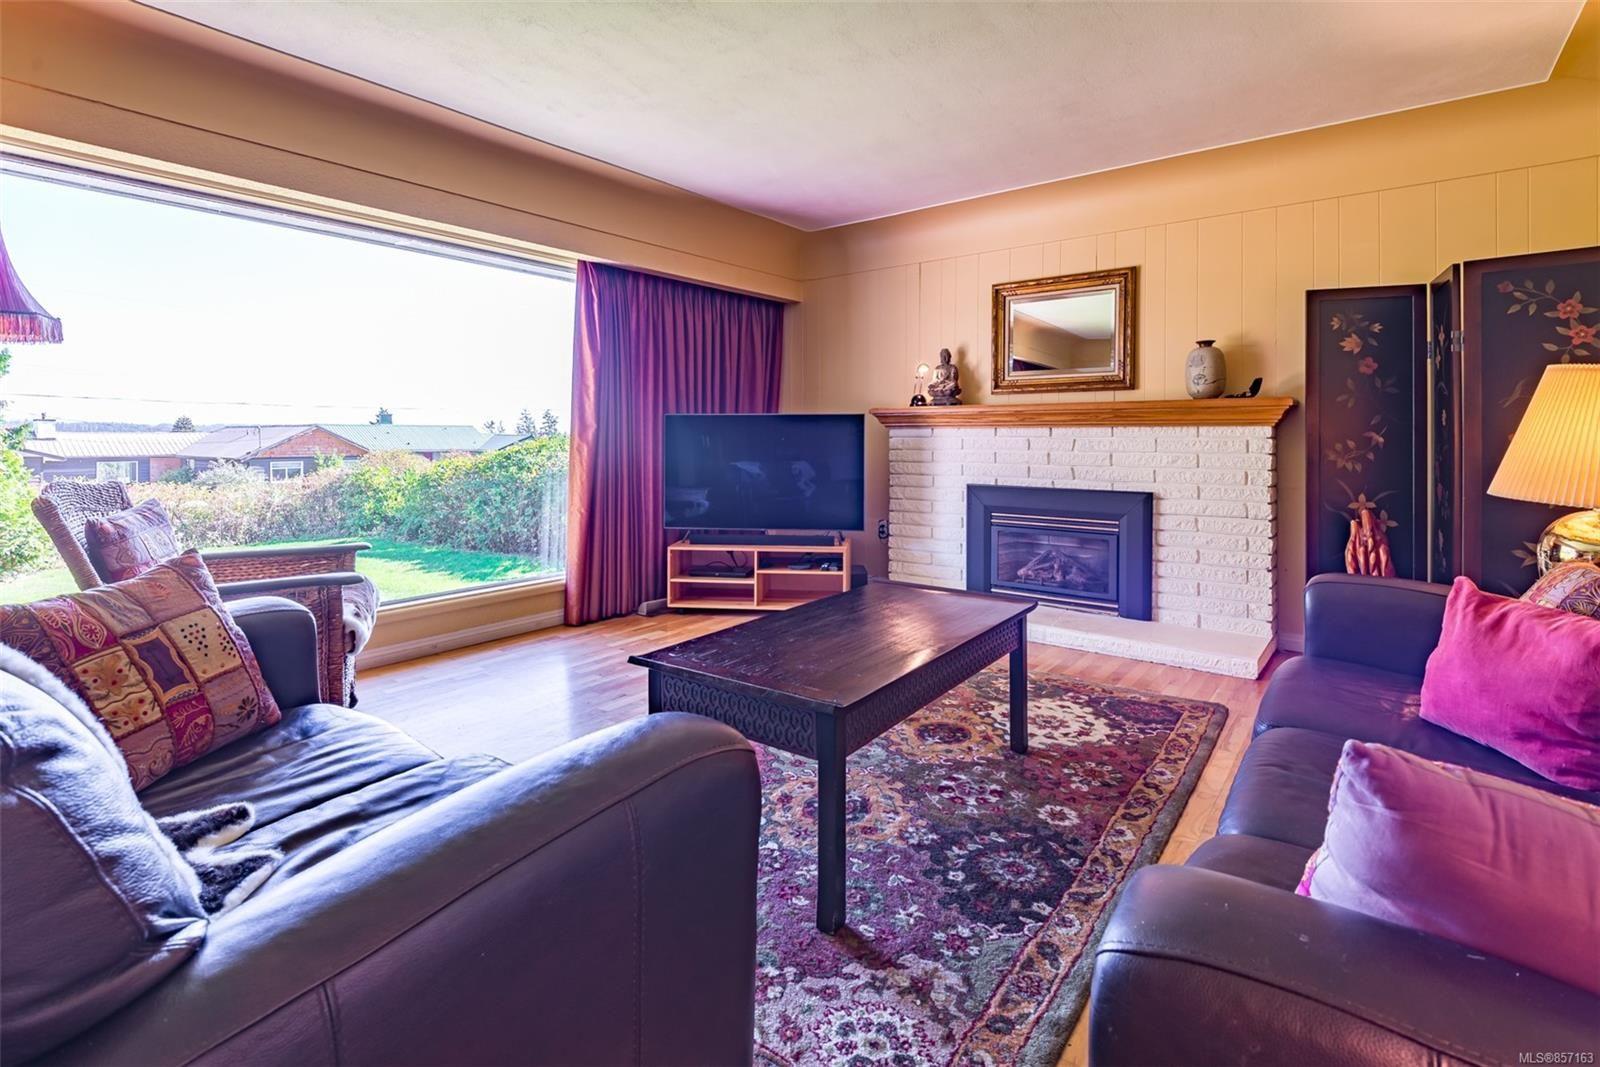 Photo 9: Photos: 4241 Buddington Rd in : CV Courtenay South House for sale (Comox Valley)  : MLS®# 857163